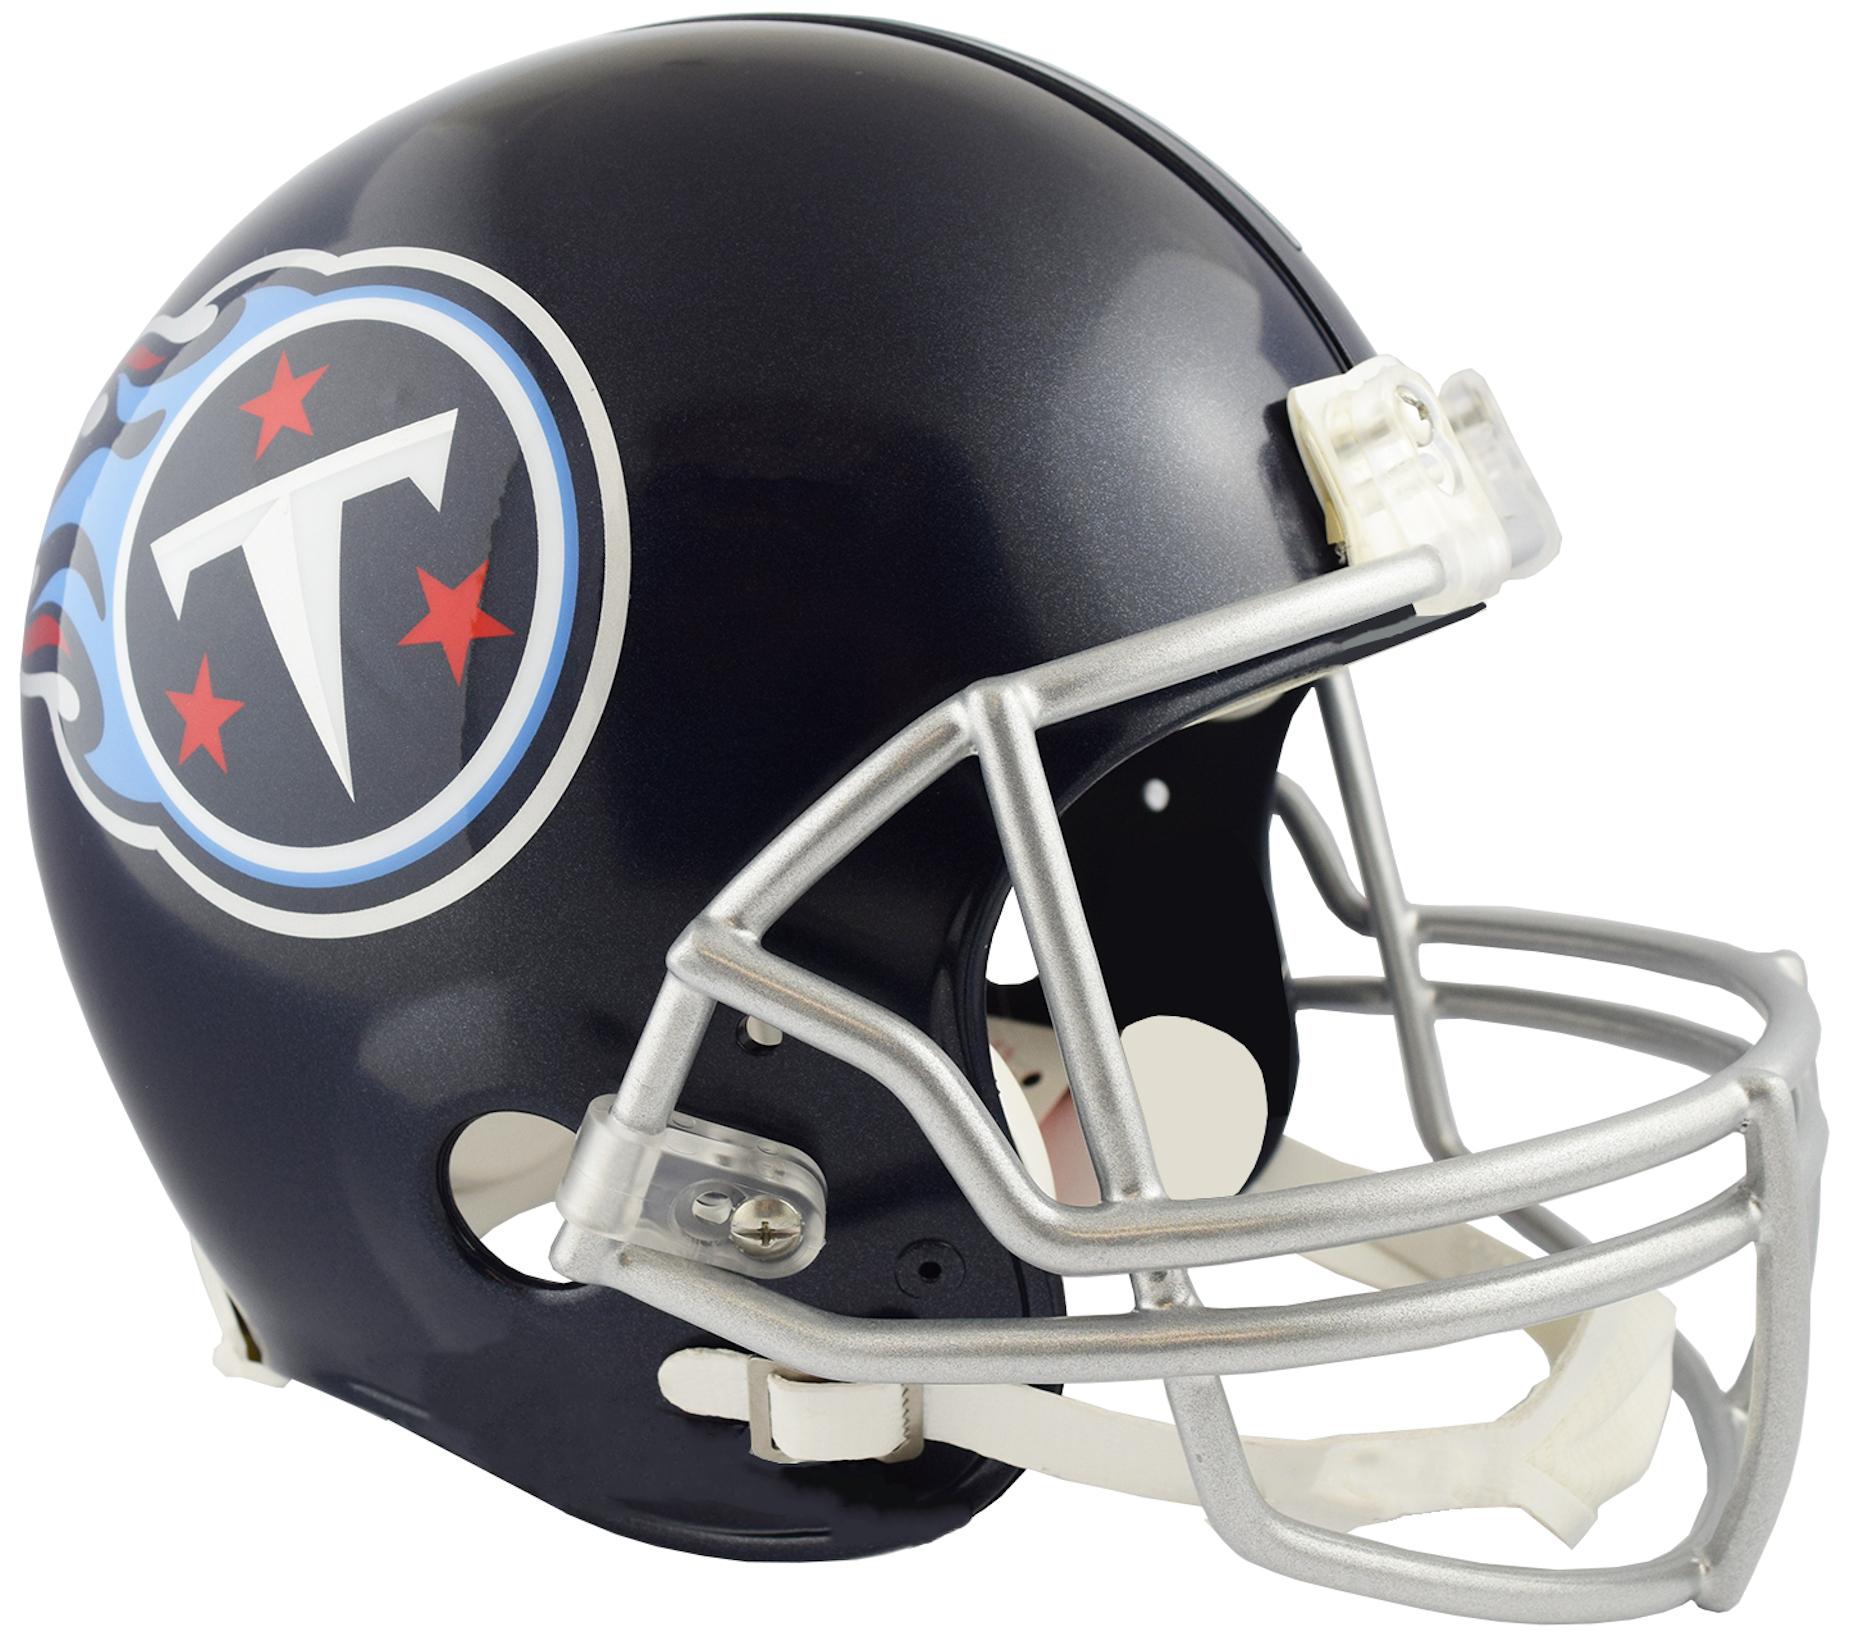 Tennessee Titans Full Size Replica Football Helmet <B>NEW 2018 Satin Navy Metallic</B>